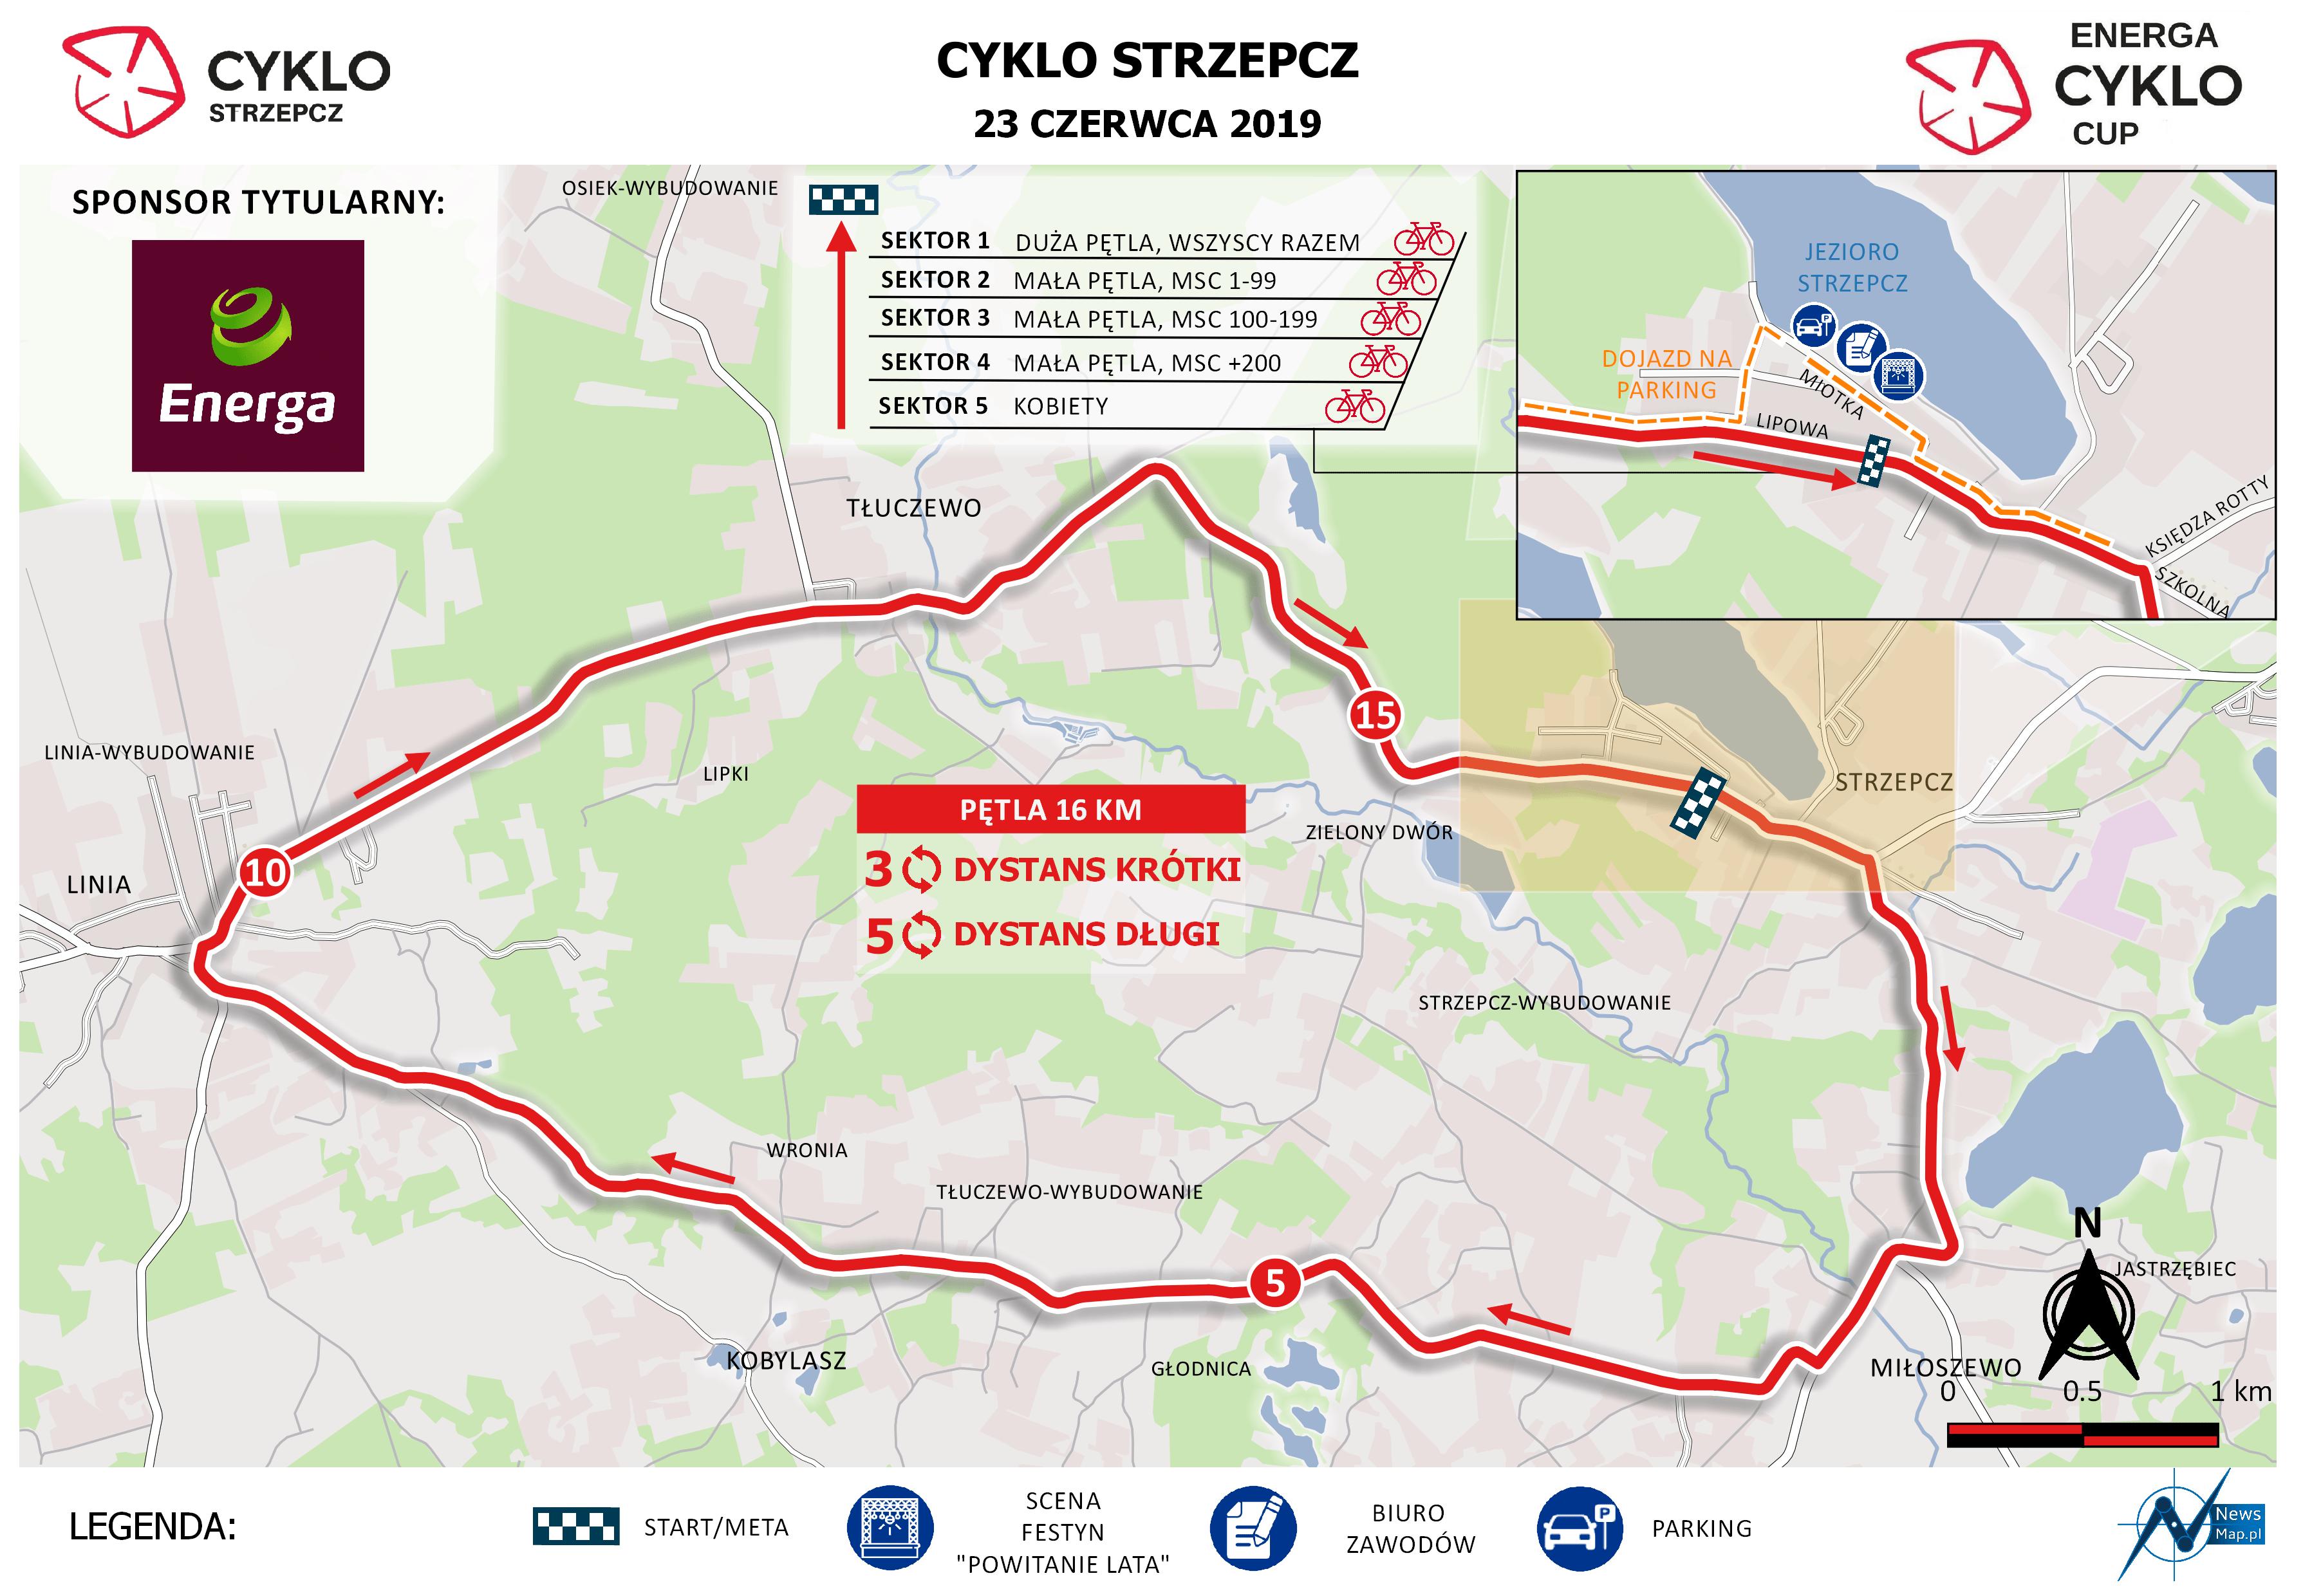 Cyklo Strzepcz 2019 - mapa statyczna